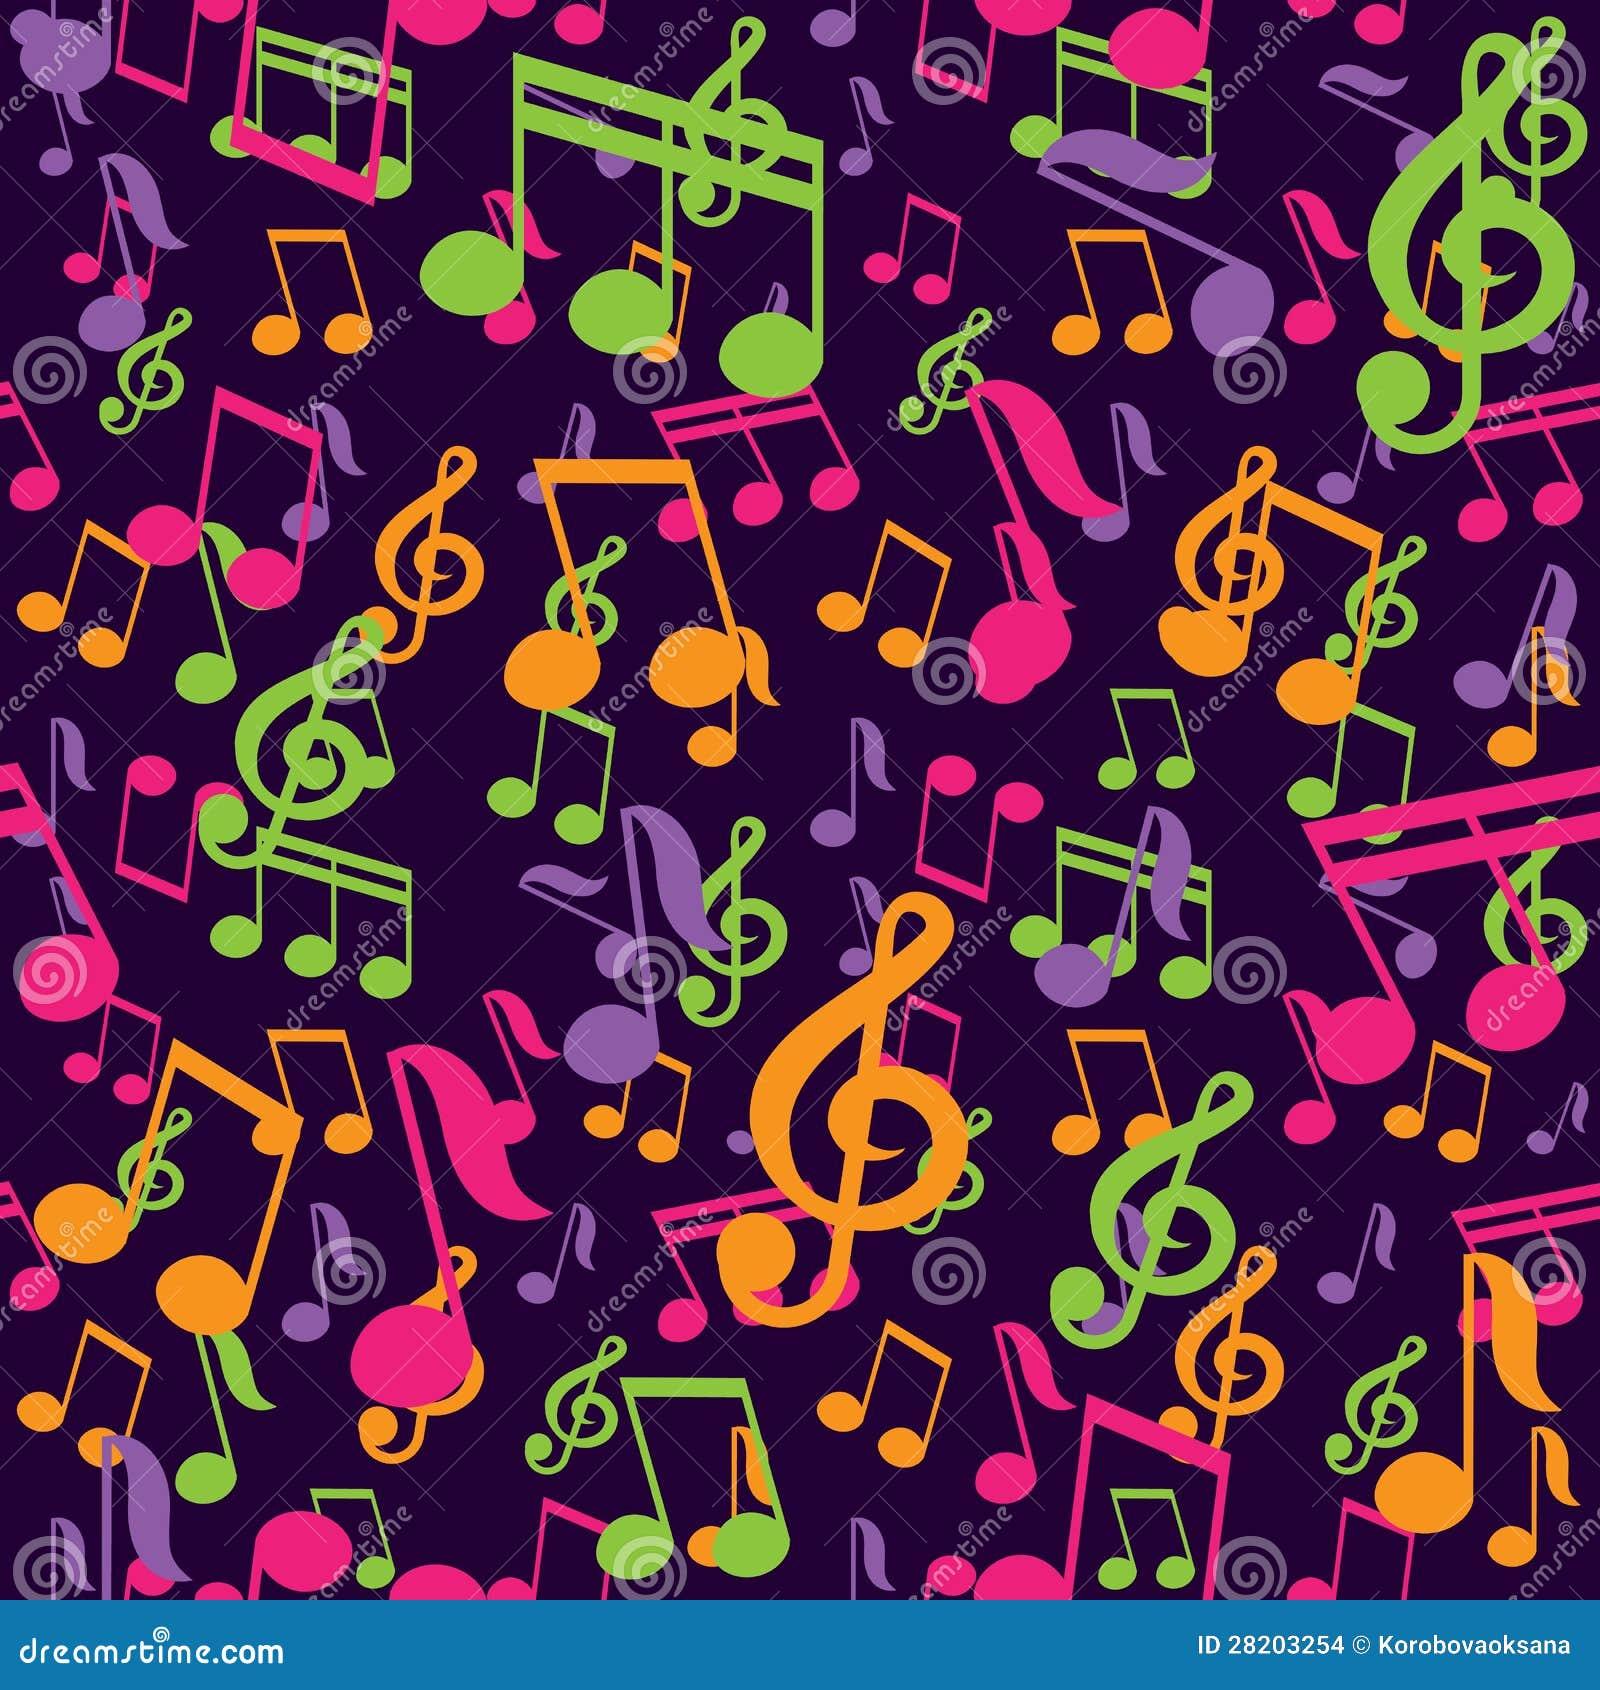 90S Wallpaper  WallpaperSafari